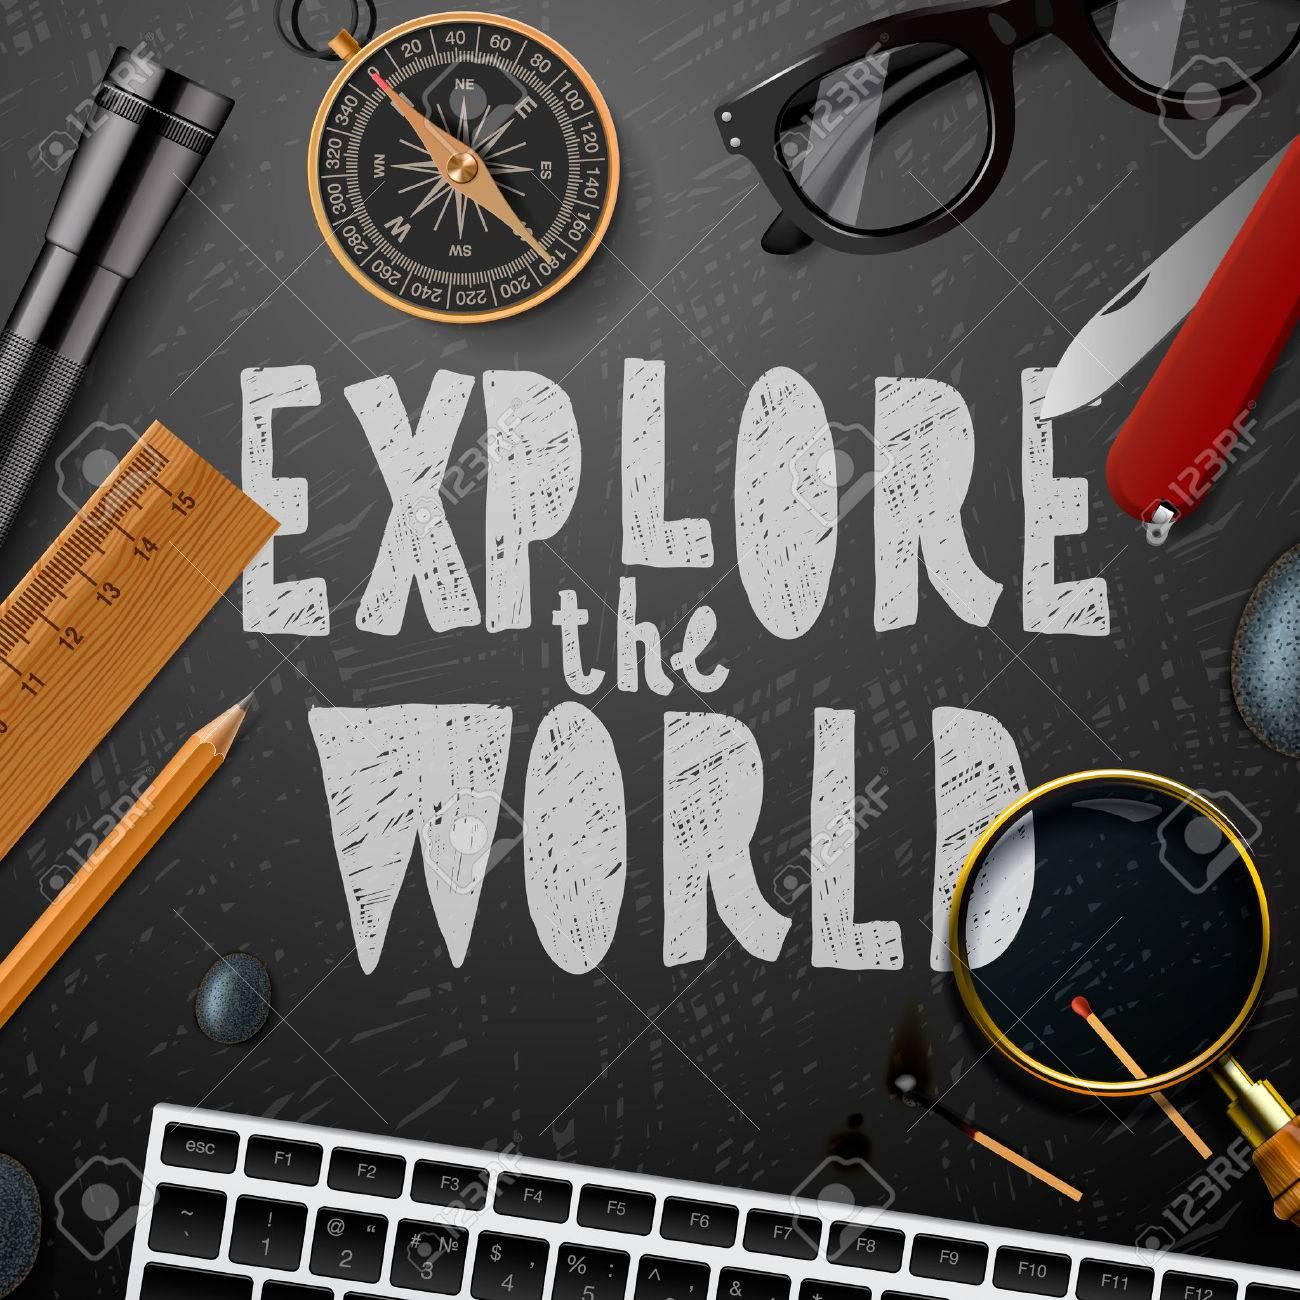 Entdecken Sie die wold, Reisen und Tourismus Hintergrund, Illustration. Standard-Bild - 50064316